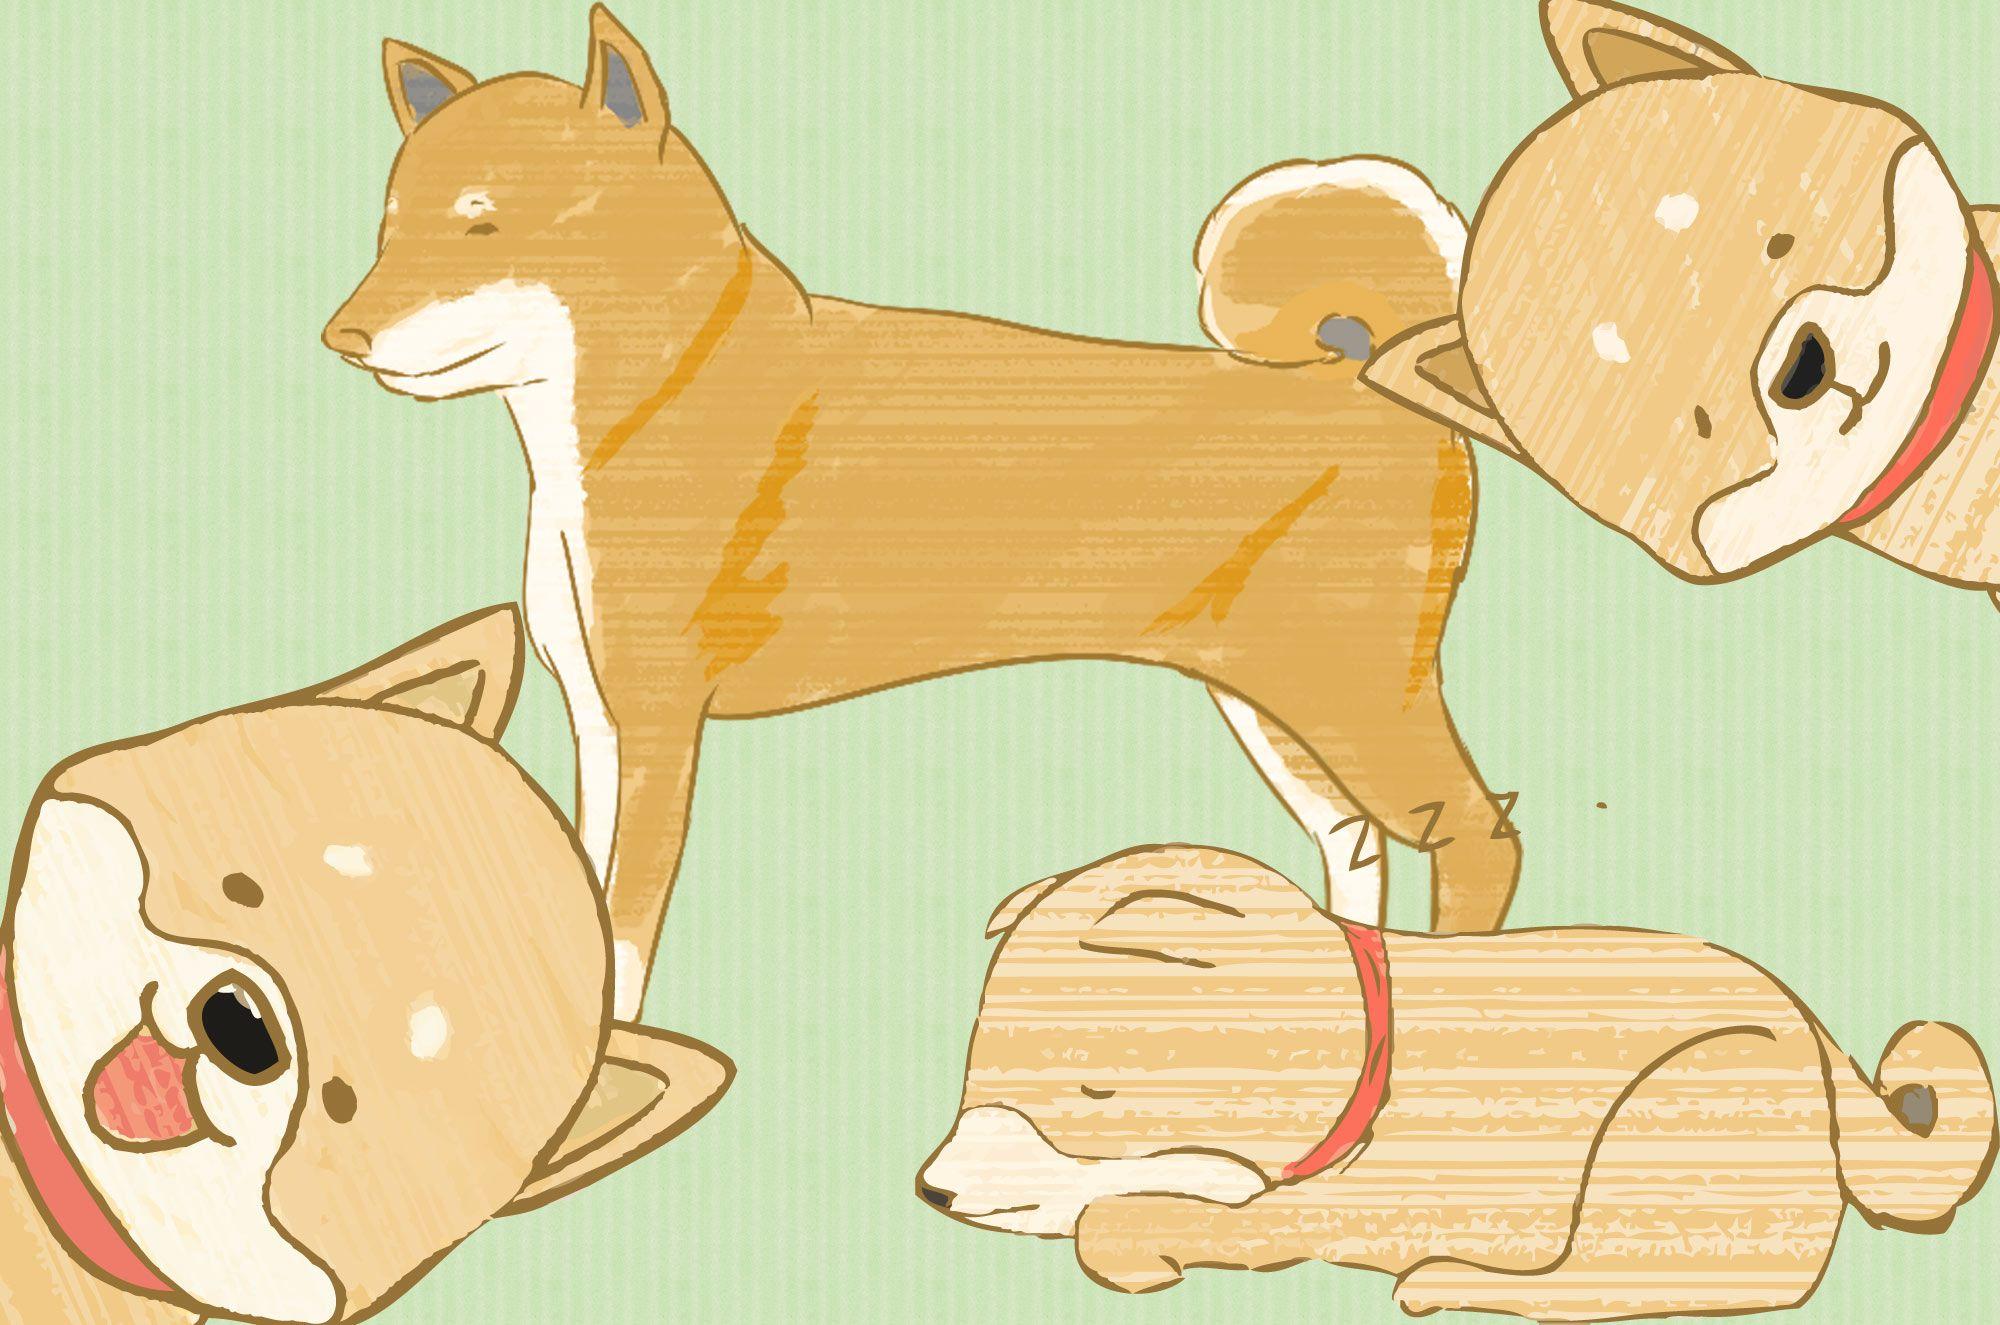 可愛い柴犬のイラスト 手書きのラフなキャラクター素材 チコデザ 柴犬 キャラクターデザイン イラスト